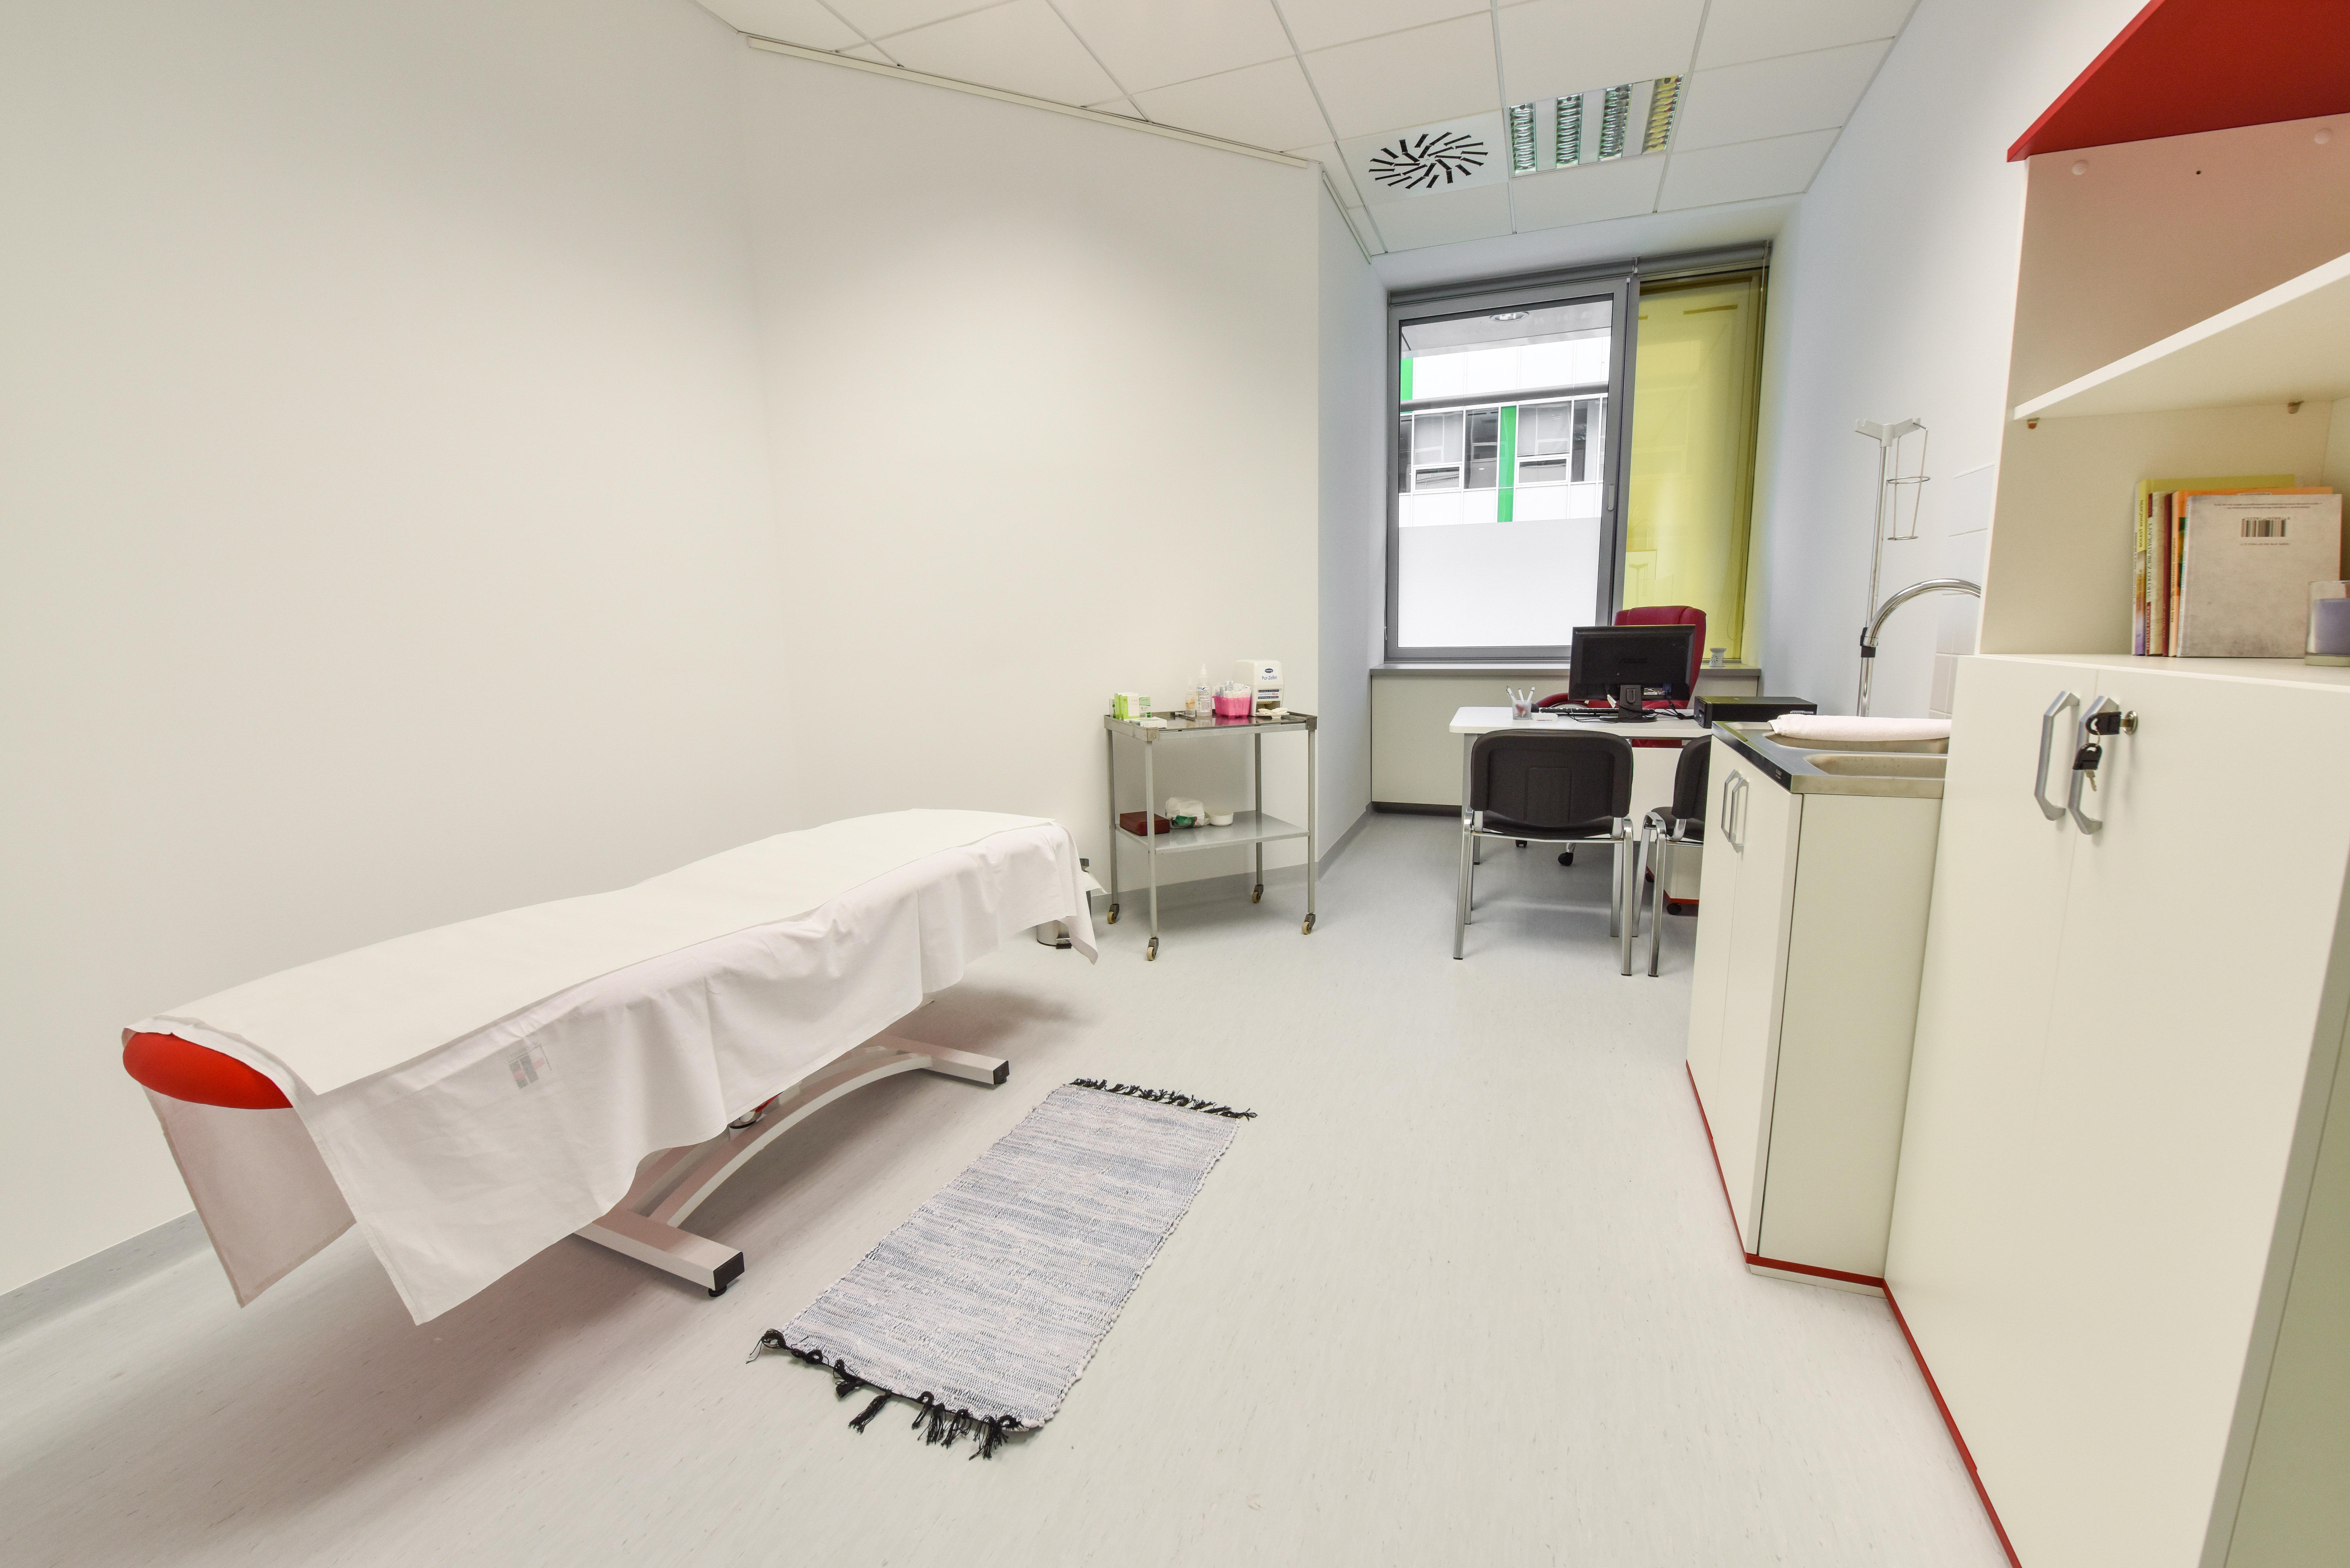 ambulancia praktického lekára, praktický lekár, praktický lekár Bratislava, obvodný lekár, Hippokrates praktický lekár, SZC Hippokrates ambulancia praktického lekára,